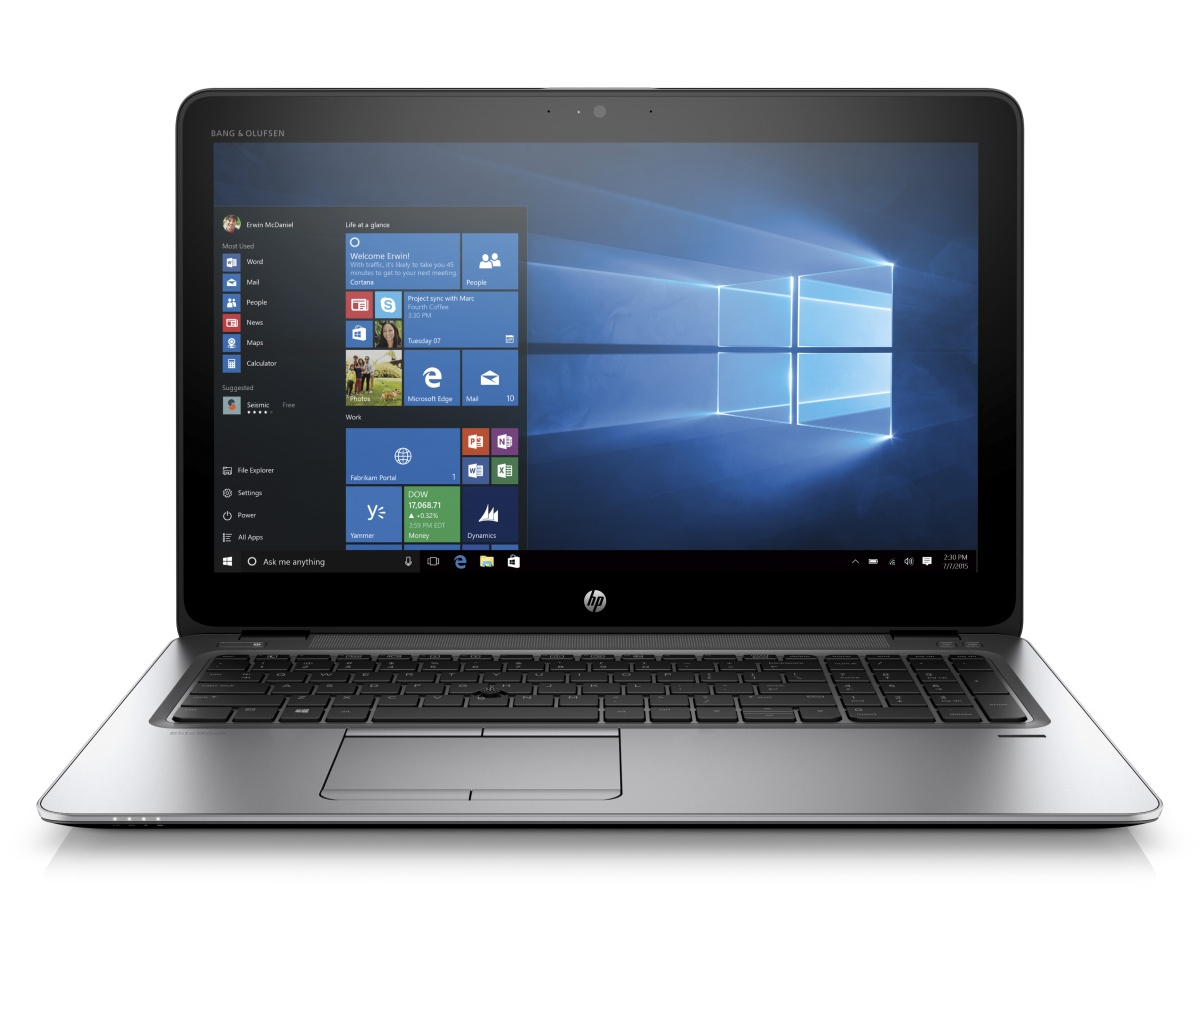 HP EliteBook 850 G3 i7-6500U/8GB/256GB SSD/ GFX 15,6'' FHD/backlit keyb/Win 10 Pro + Win 7 Pro